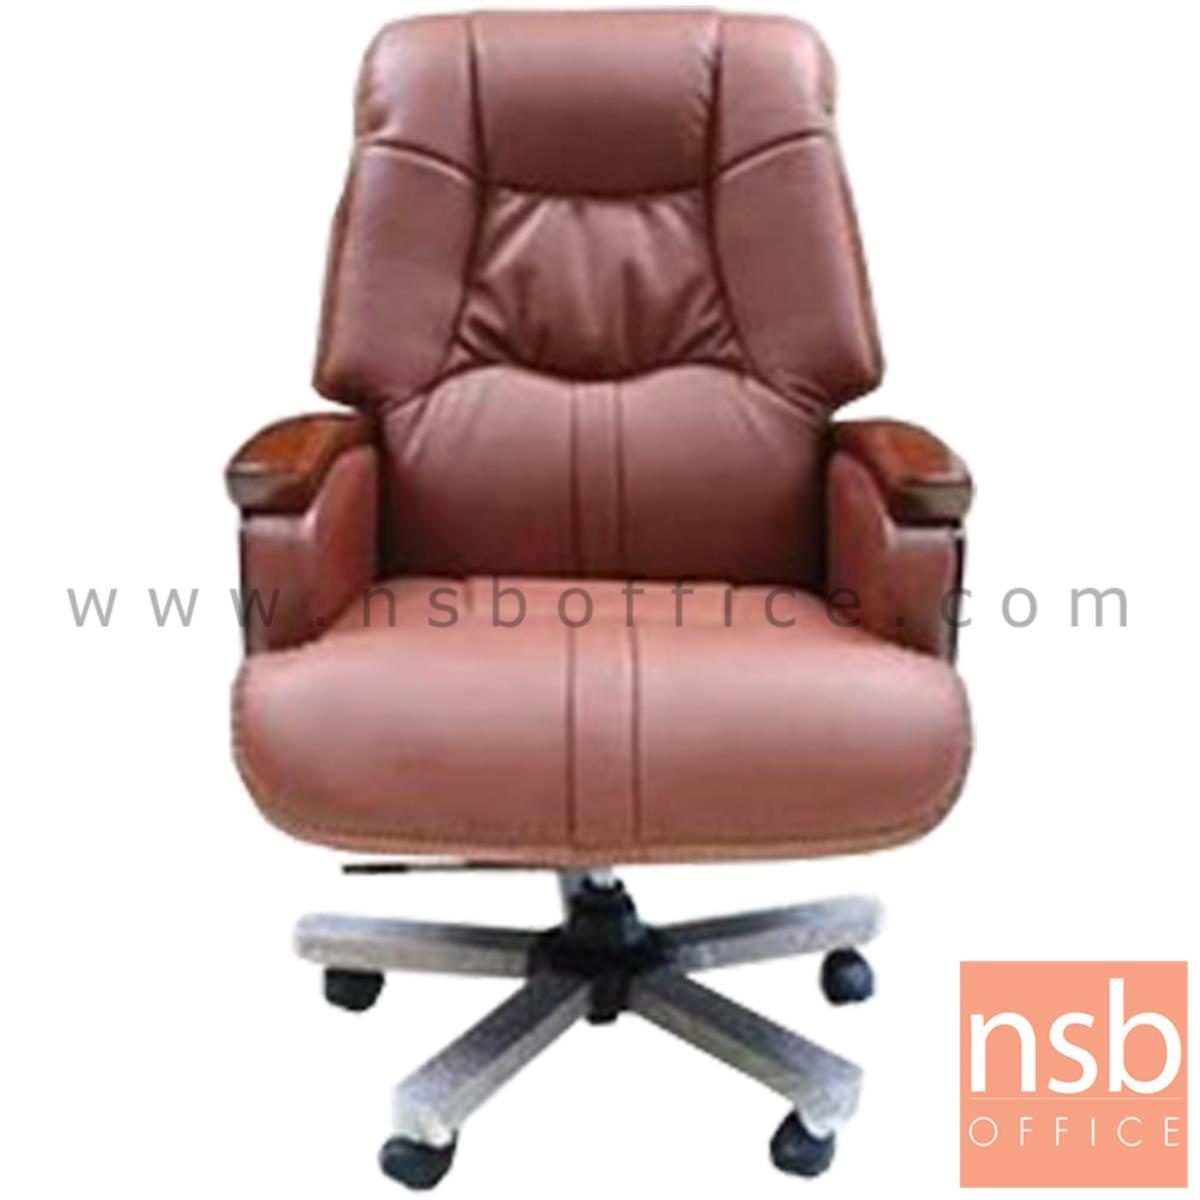 B25A142:เก้าอี้ผู้บริหารหนัง PU รุ่น DINOSAUR (ไดโนะซอร์)  โช๊คแก๊ส ขาเหล็ก